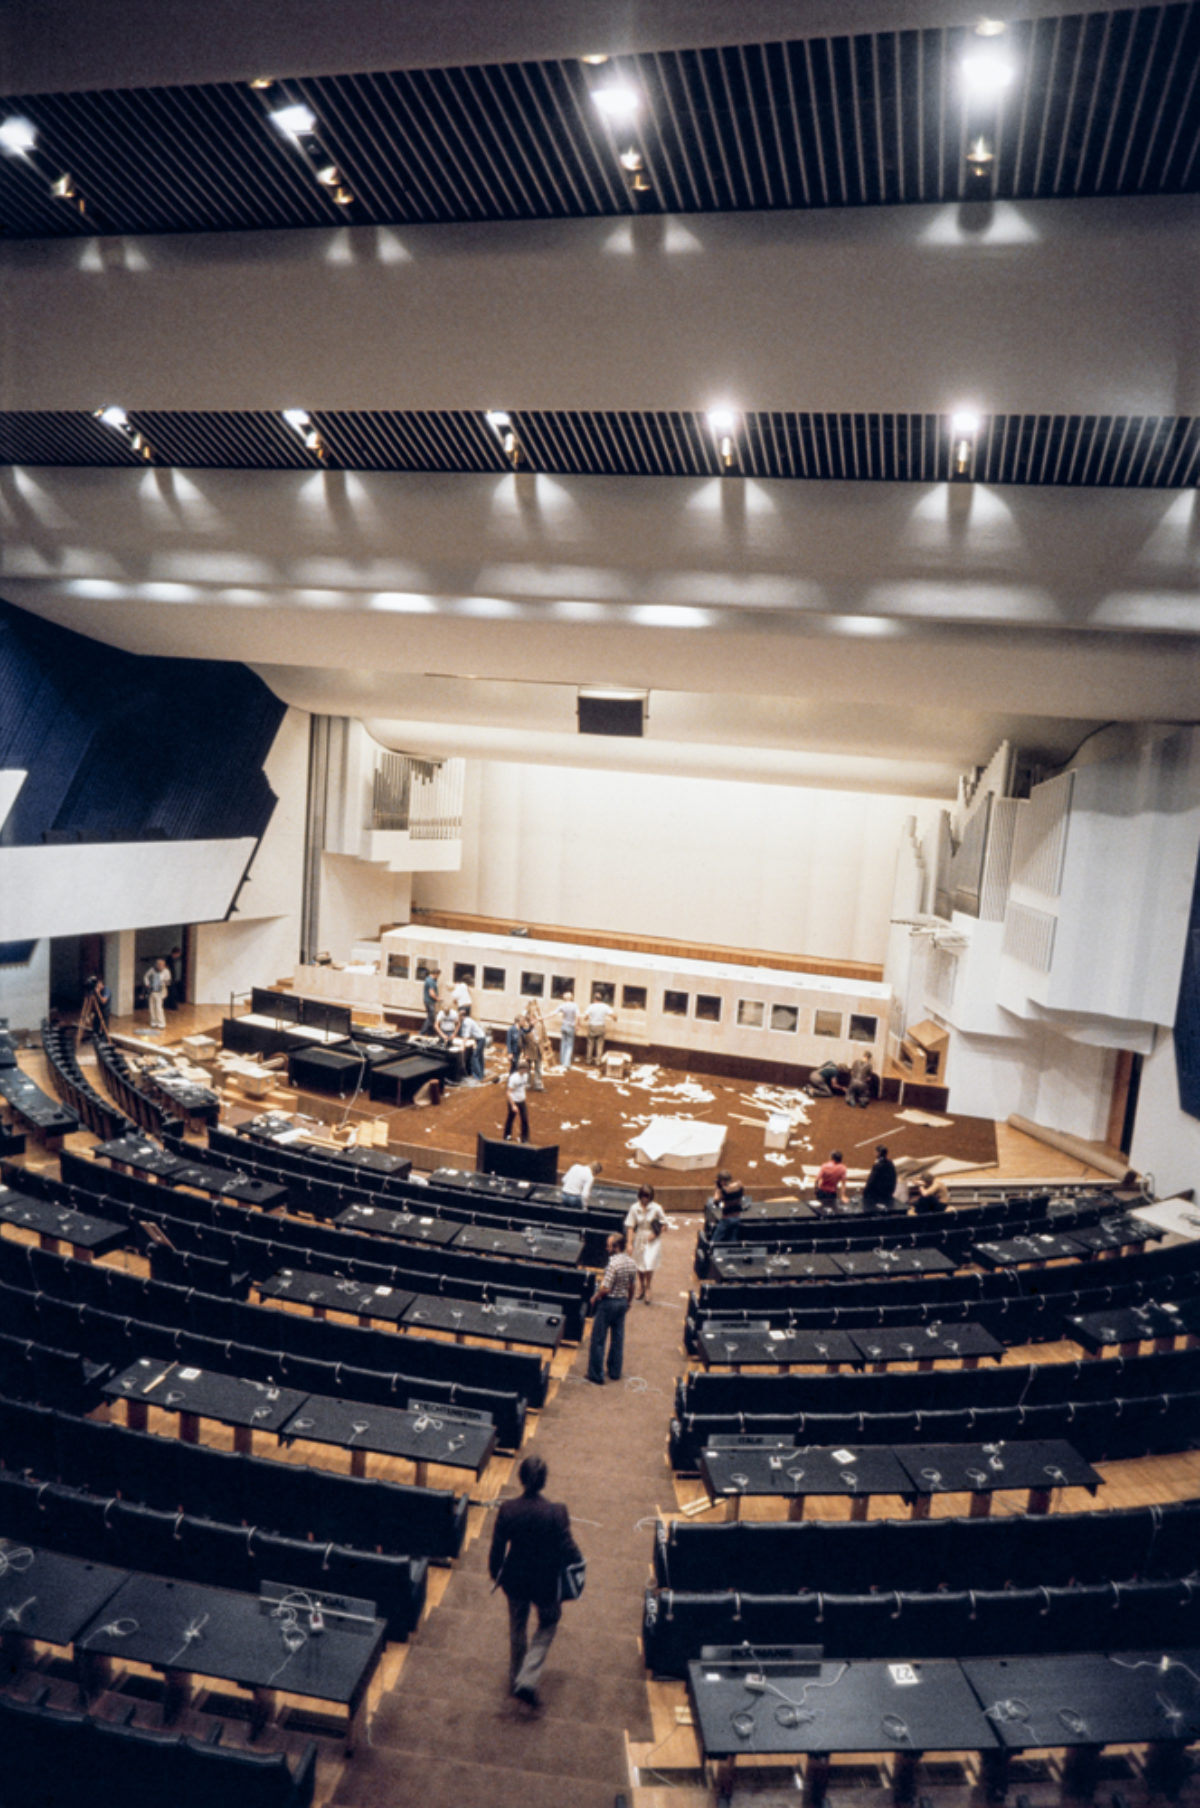 Etykin loppuasiakirja, Helsingin sopimus, on allekirjoitettu 1.8.1975. Kokous on päättynyt. Kuva: PF-team, Pressfoto Zeeland / JOKA / Museovirasto